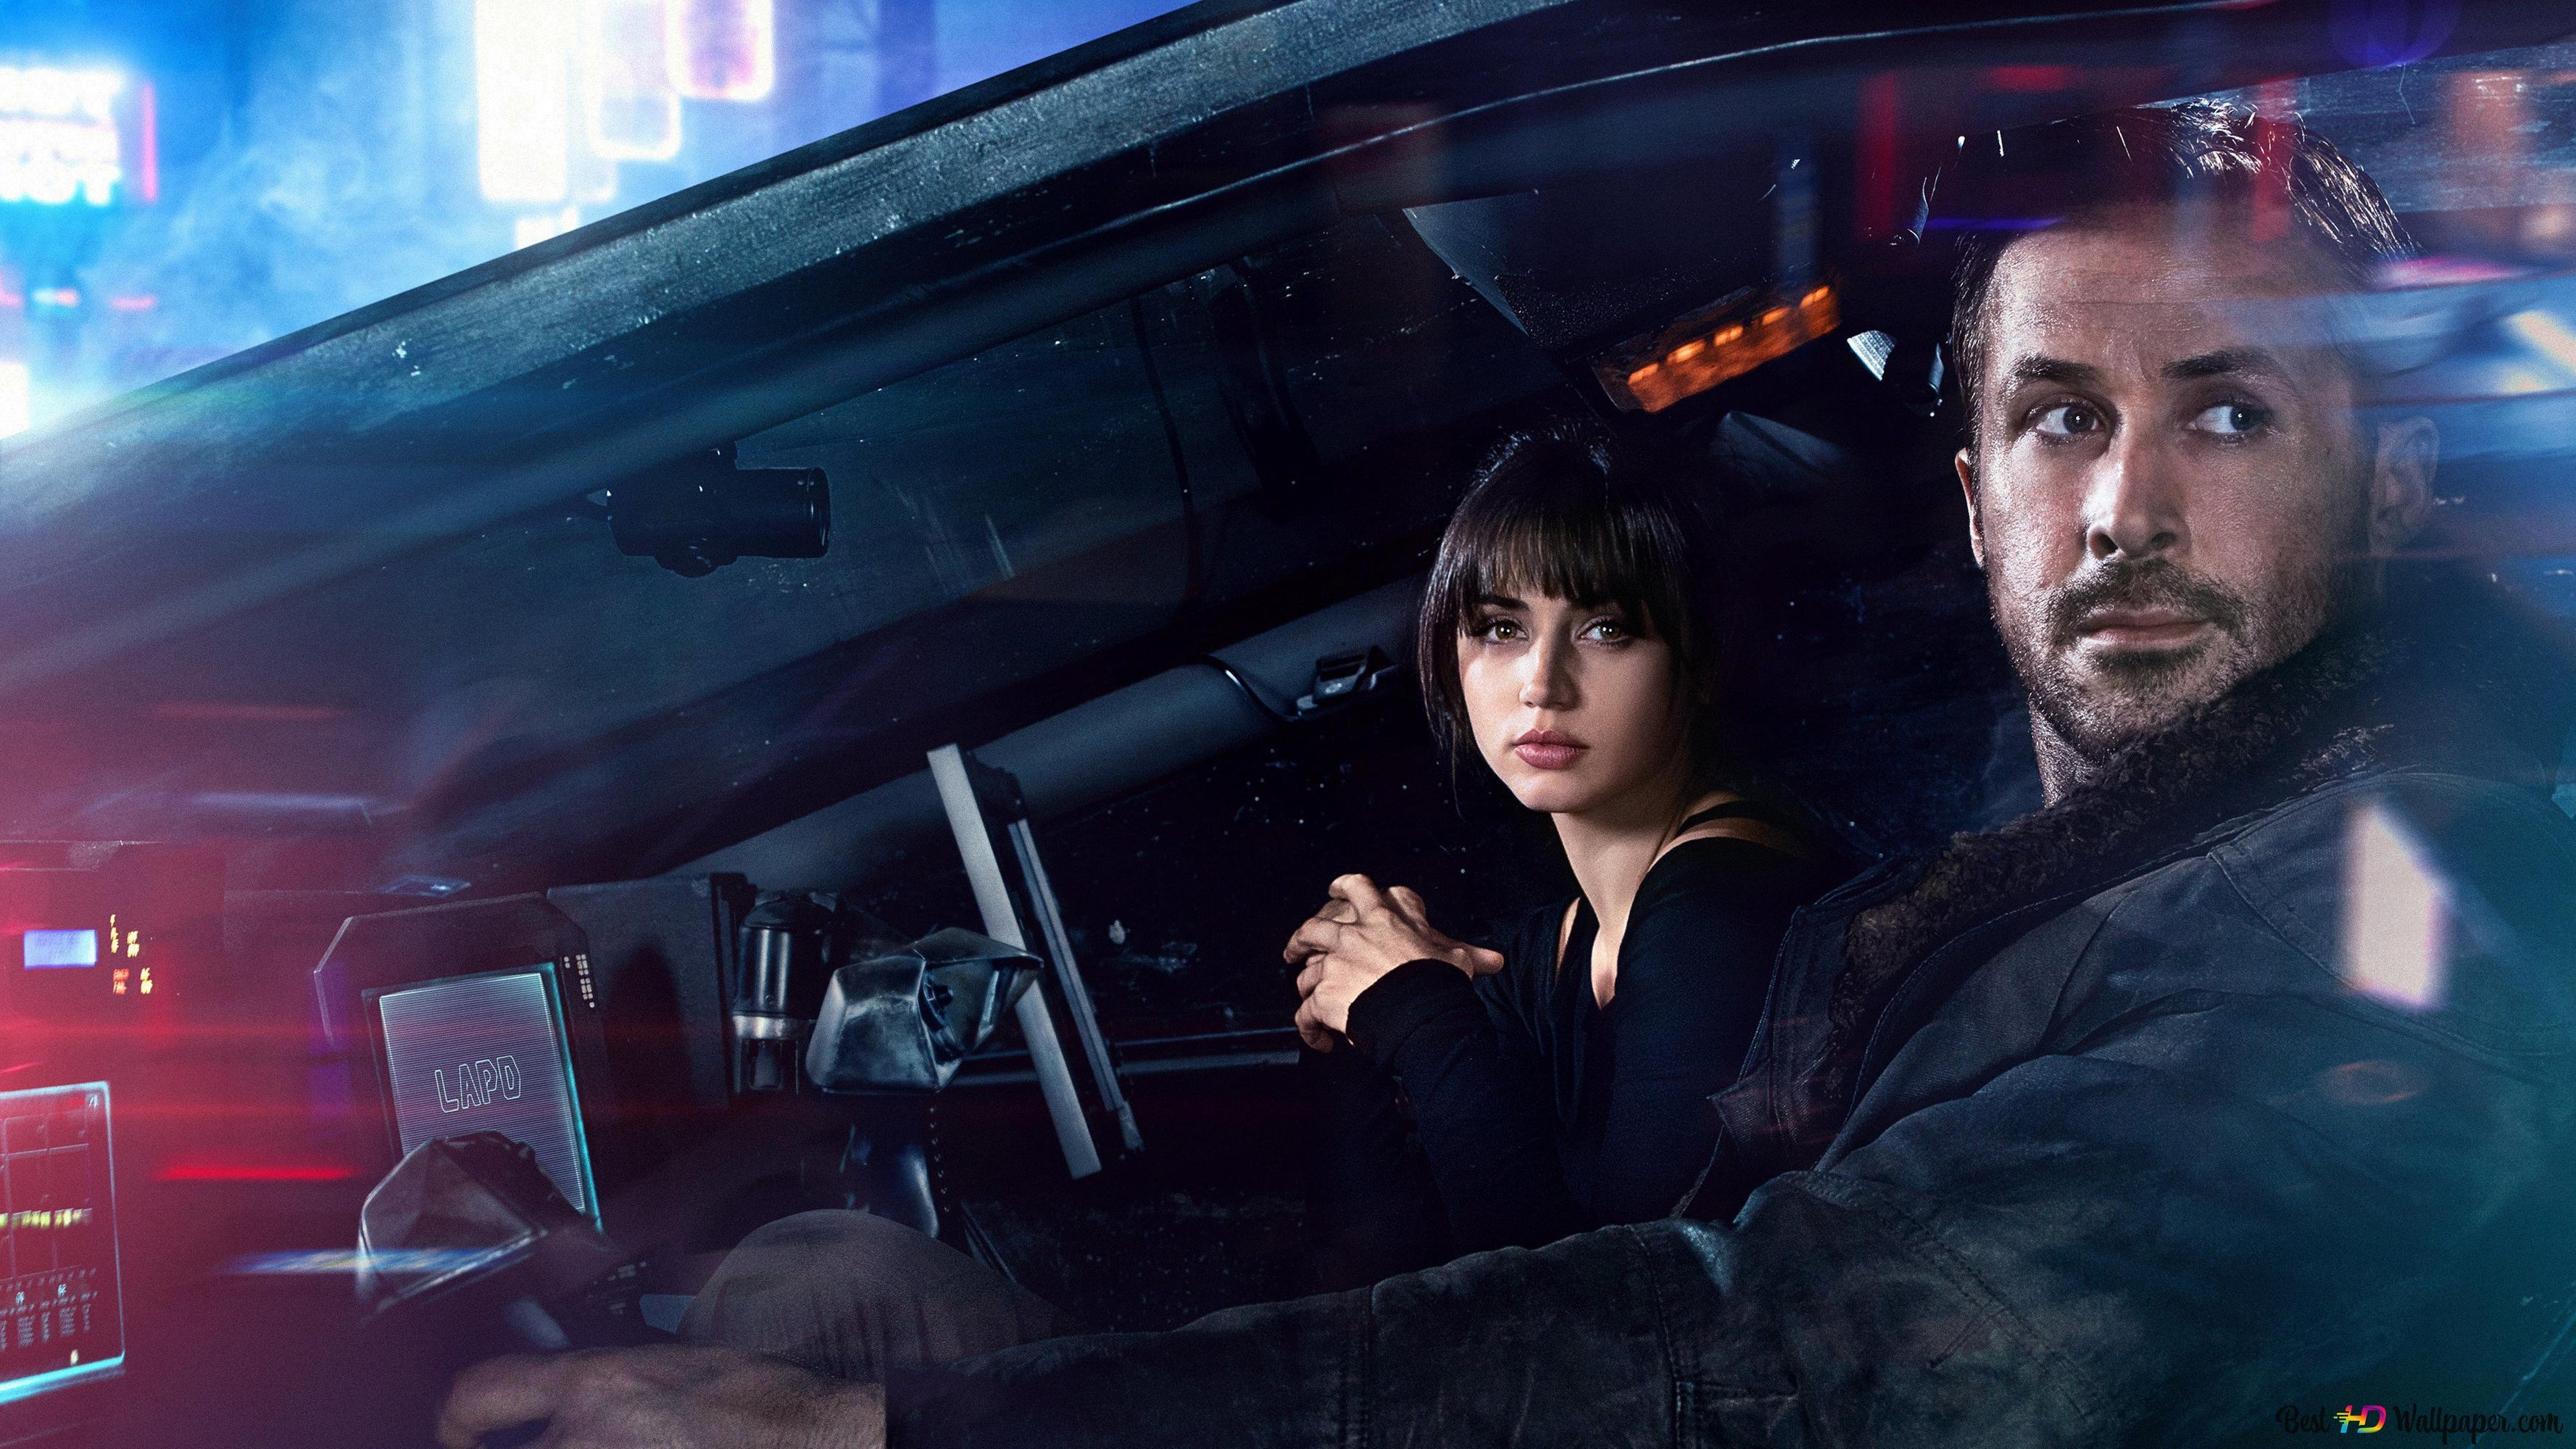 Blade Runner 2049 Hd Wallpaper Download